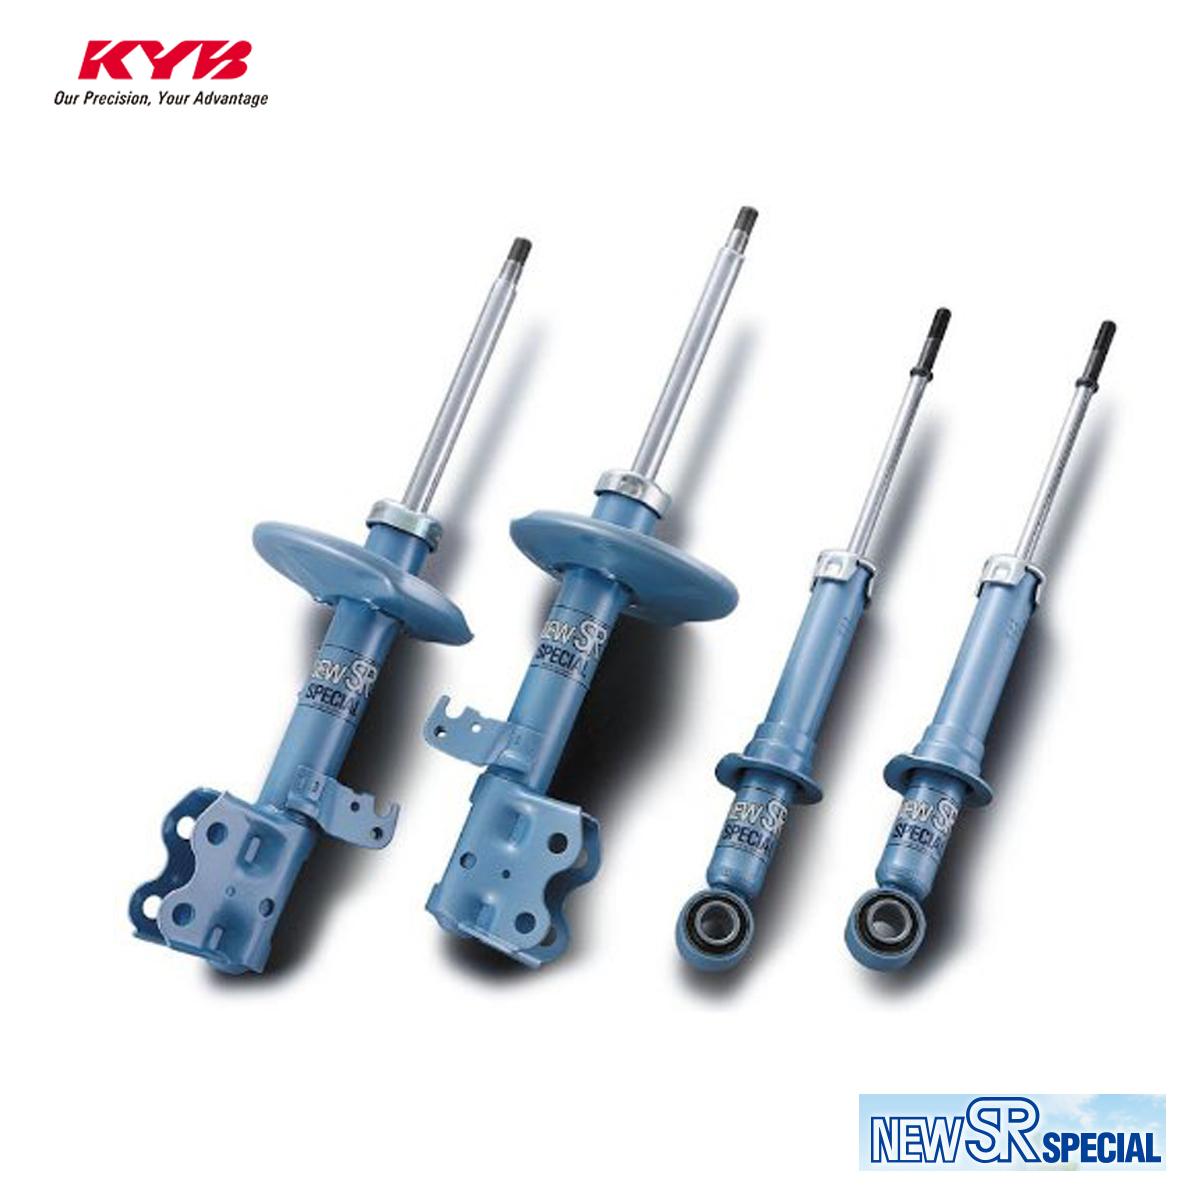 KYB カヤバ カムリグラシア MCV25W SXV25W 25 ショックアブソーバー リア 右用 1本 ニュー SRスペシャル 単品 NEW SR SPECIAL NST5293R